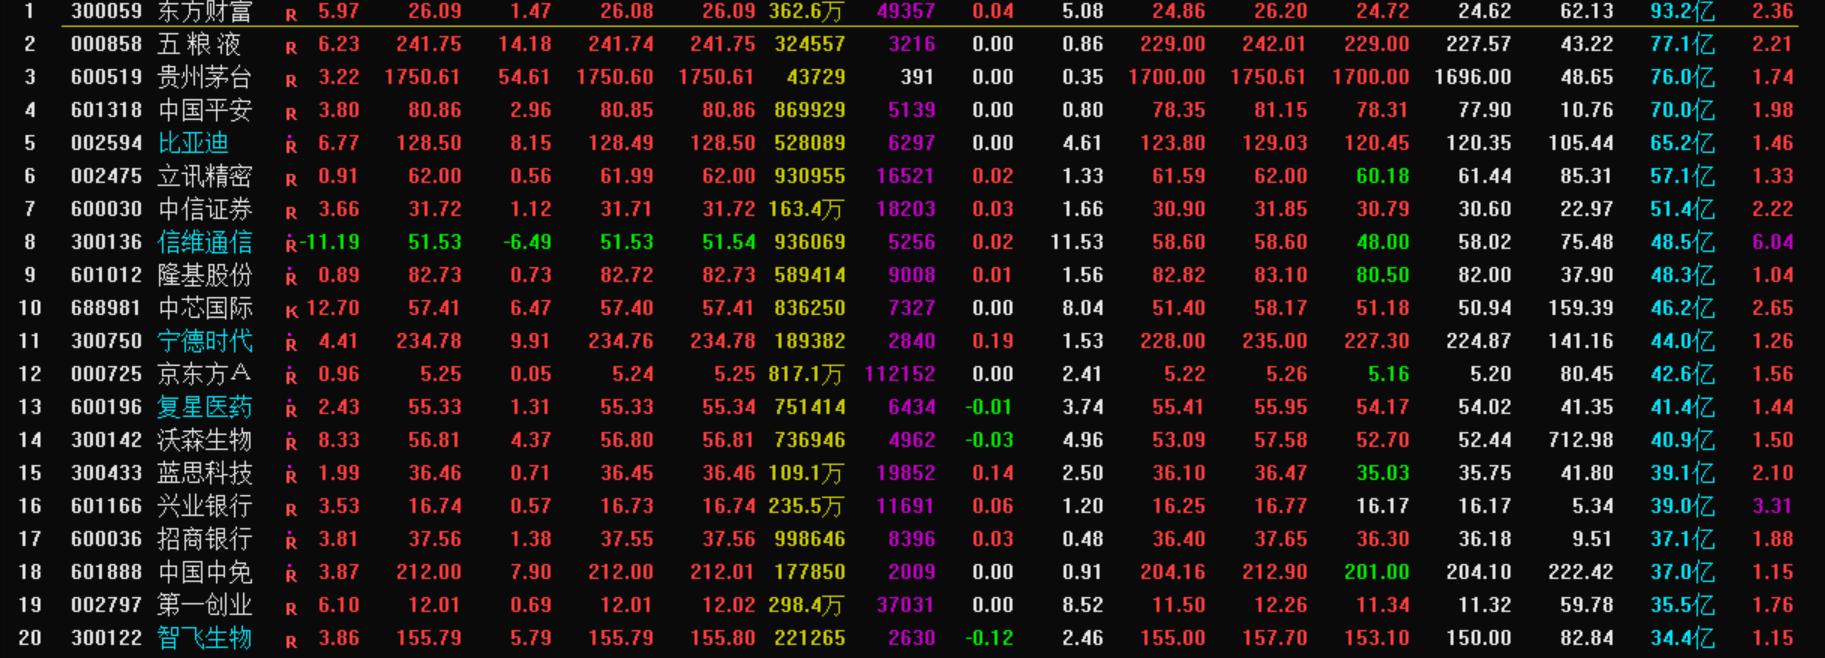 10月13号A股市场内超跌和新高的运行过程梳理!—机智资金流